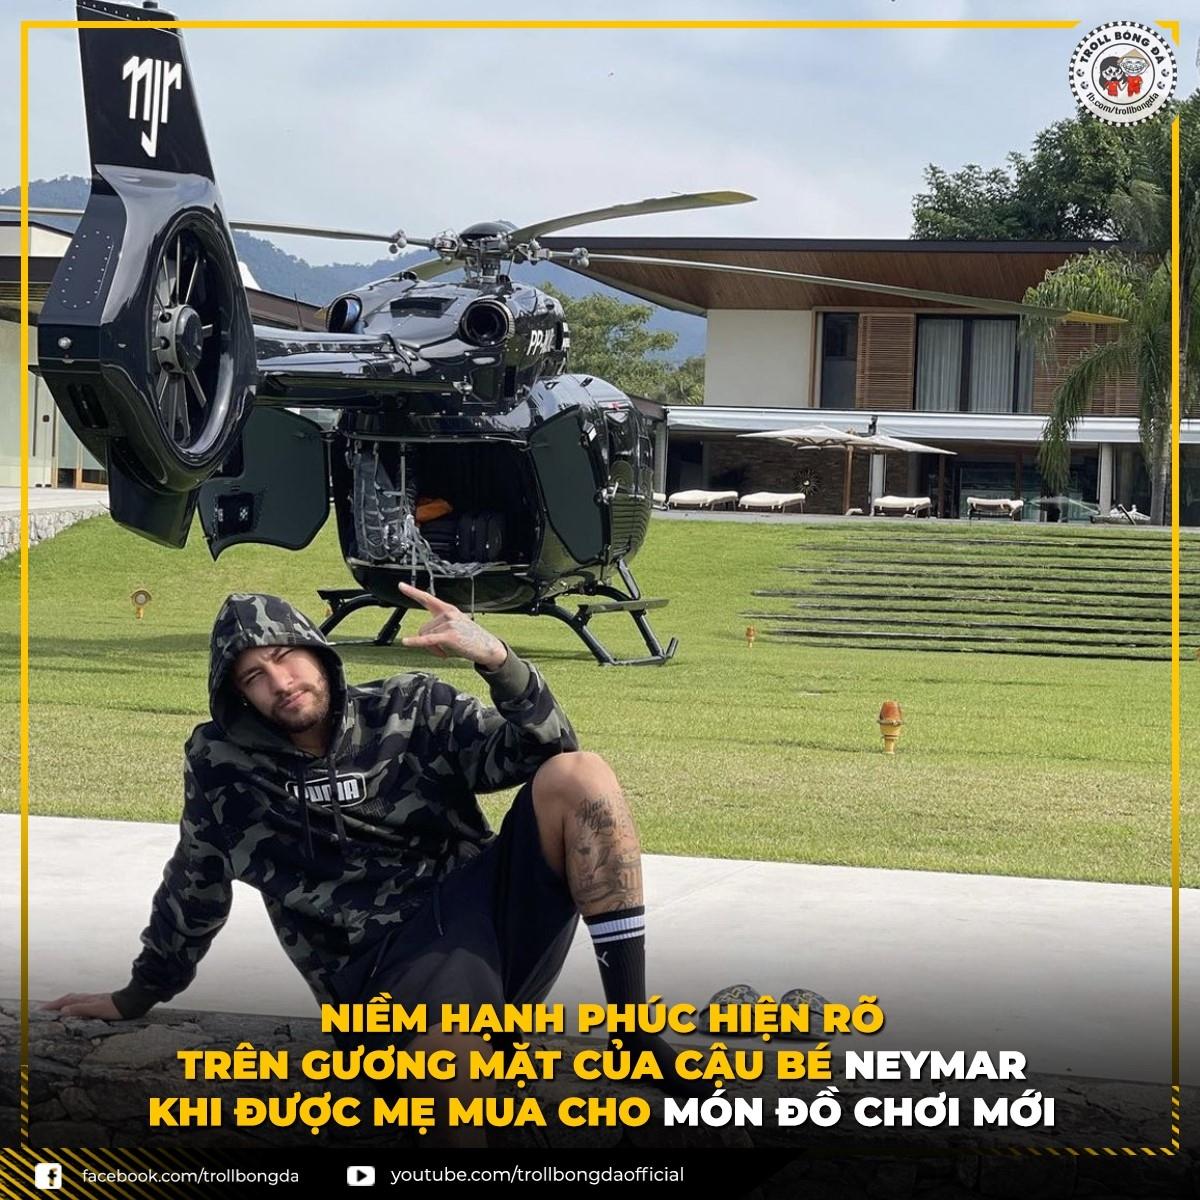 Neymar vừa mua được máy bay cá nhân. (Ảnh: Troll bóng đá).